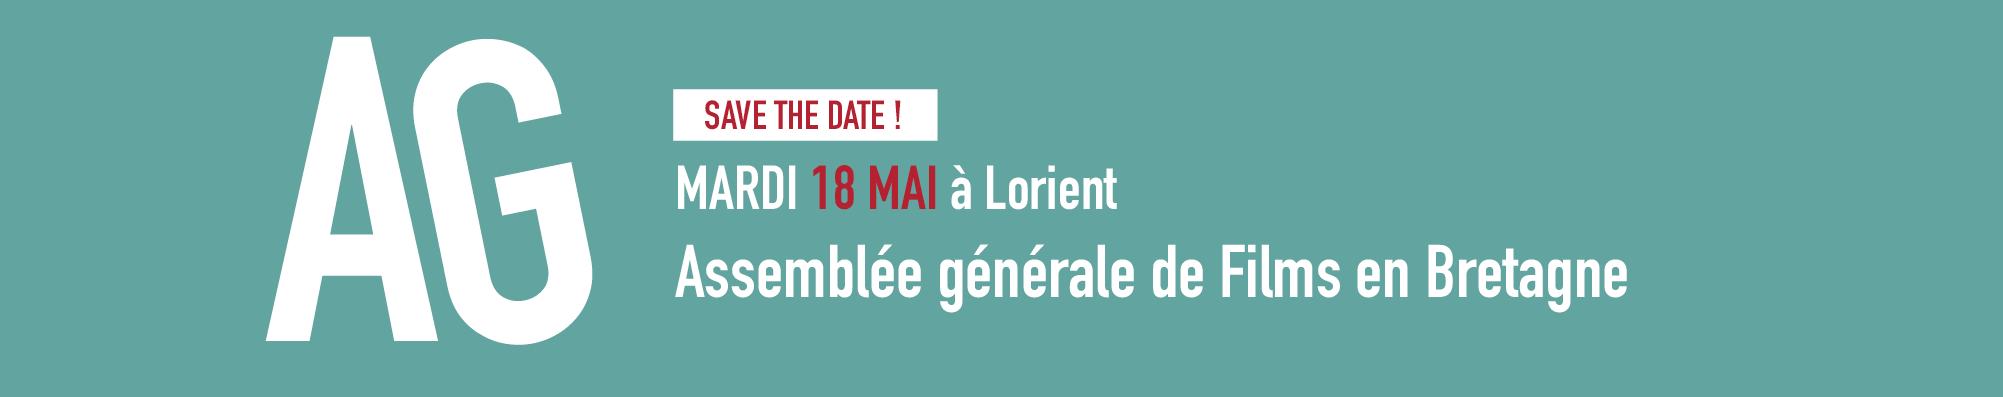 AG 18 mai 2021 Lorient